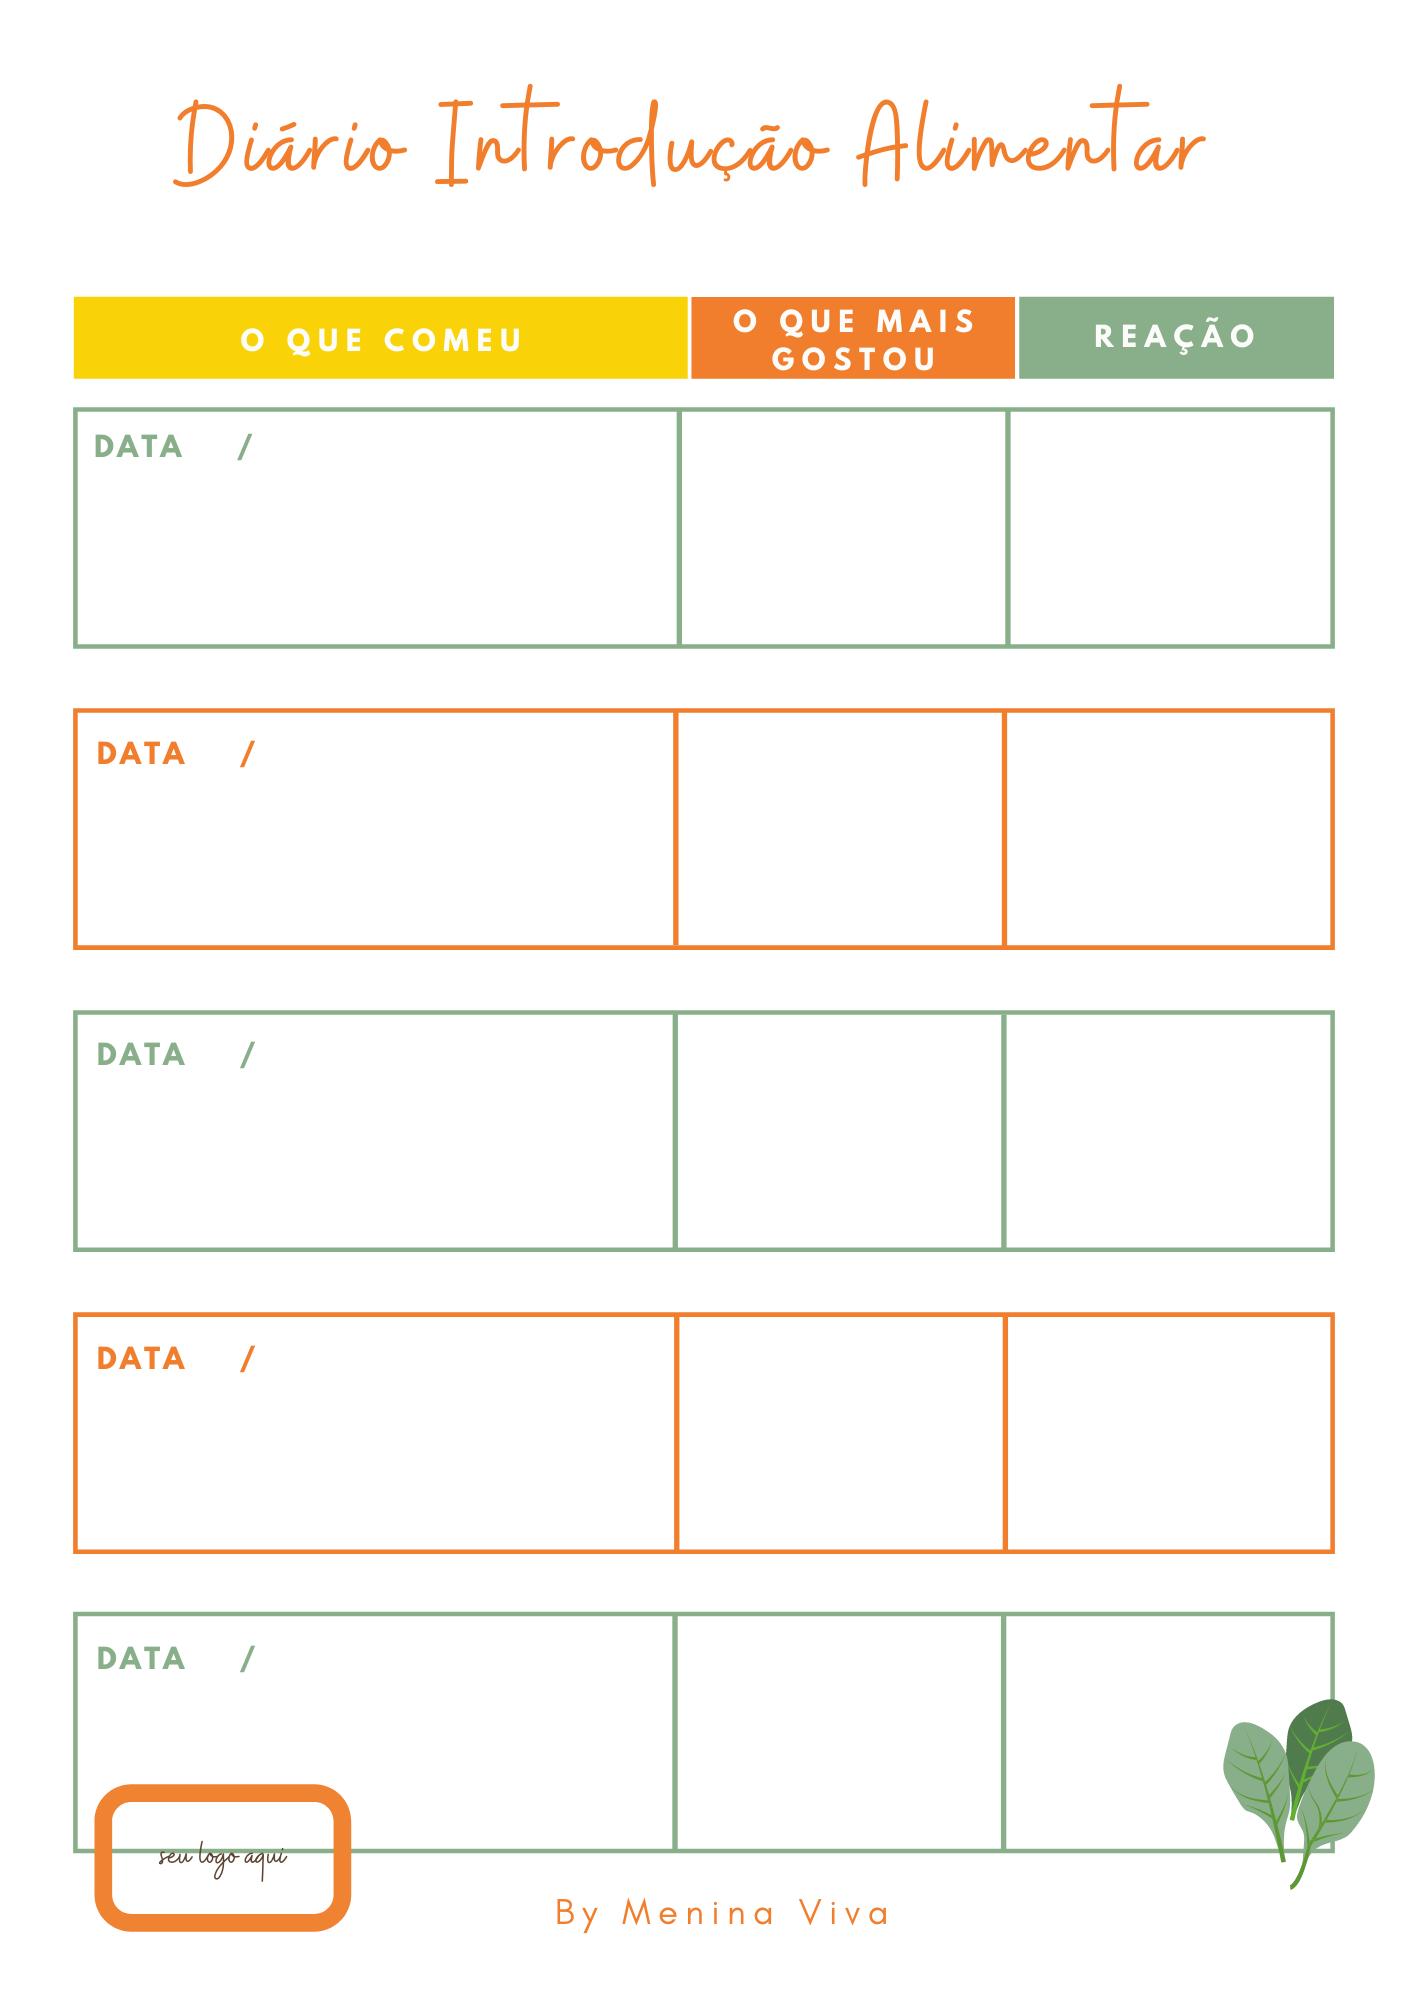 Versão Digital (PDF) - Diário Introdução Alimentar